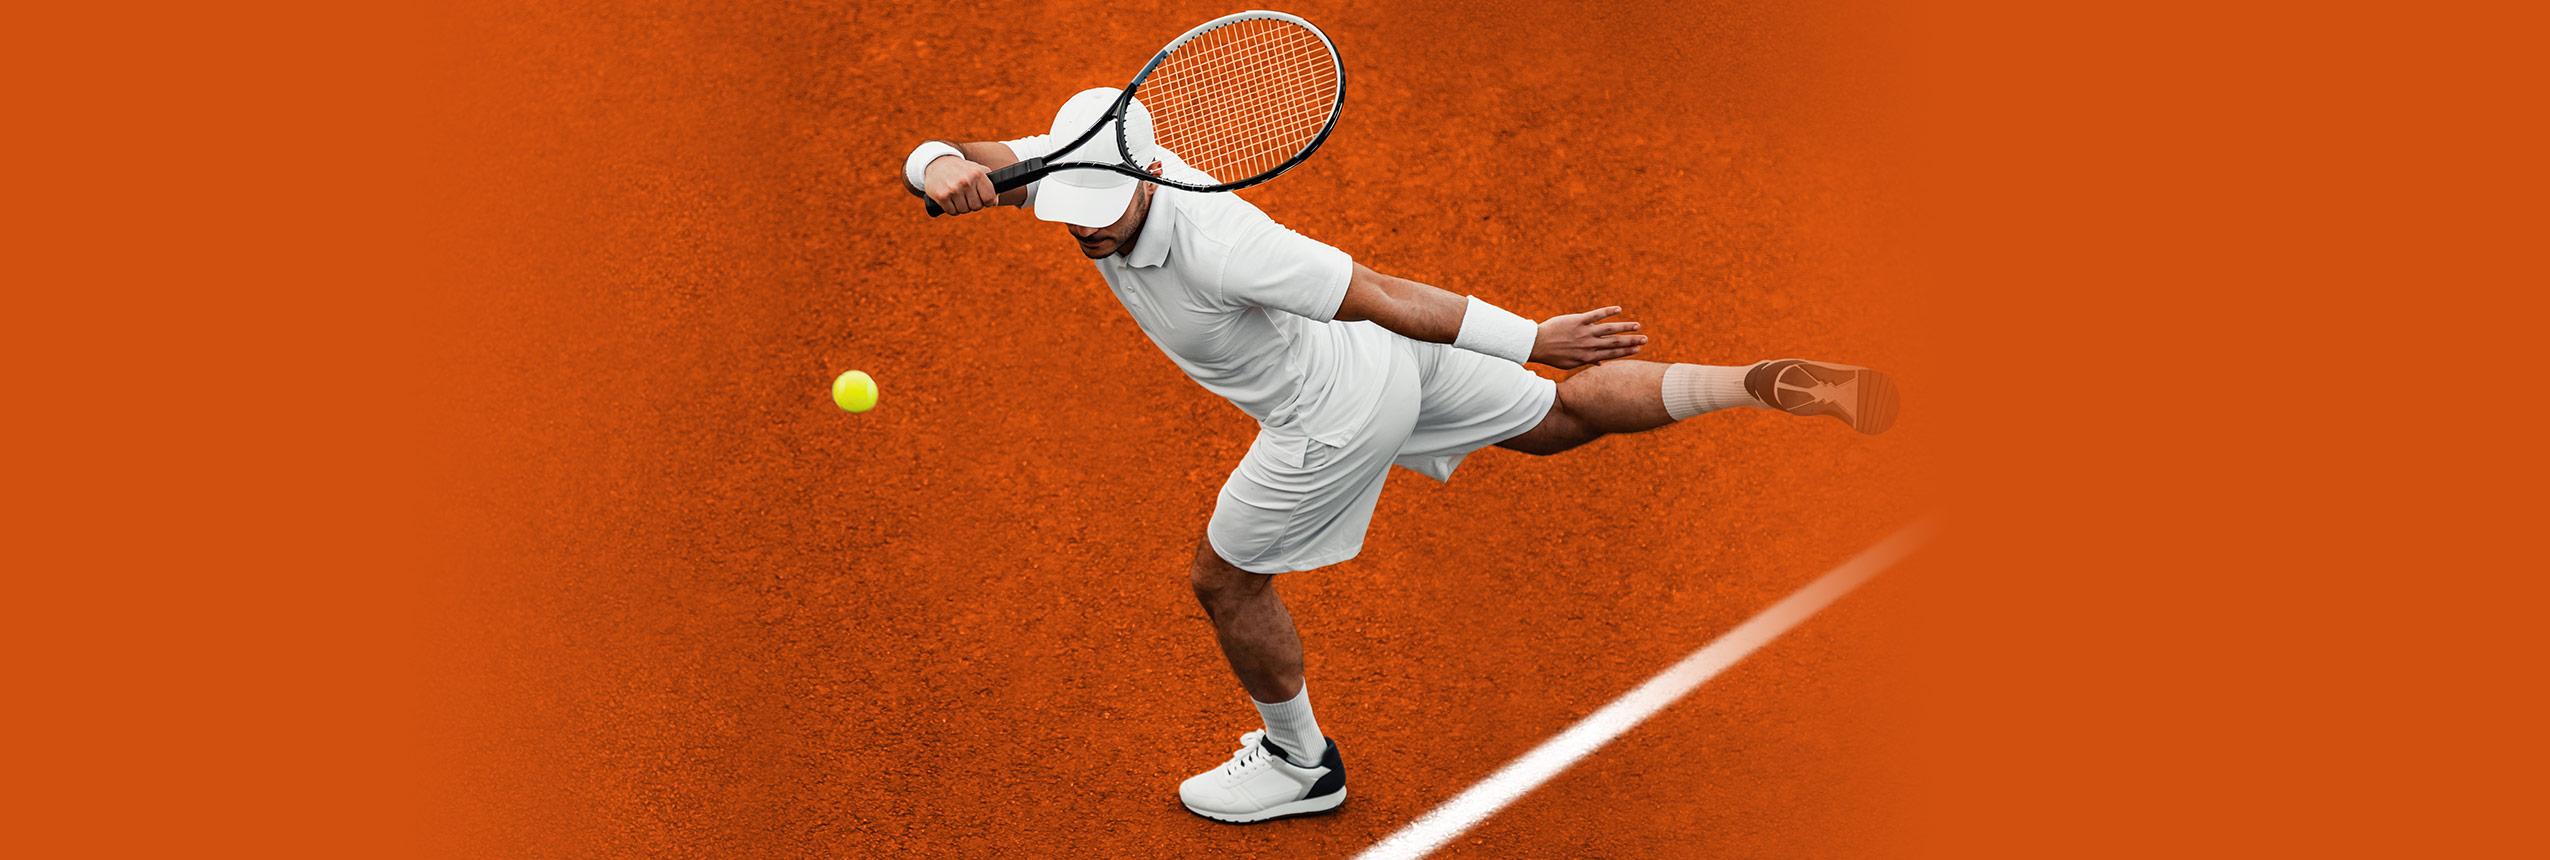 tennisellenbogen muenchen orthopaede - Tennisarm / Golferellenbogen